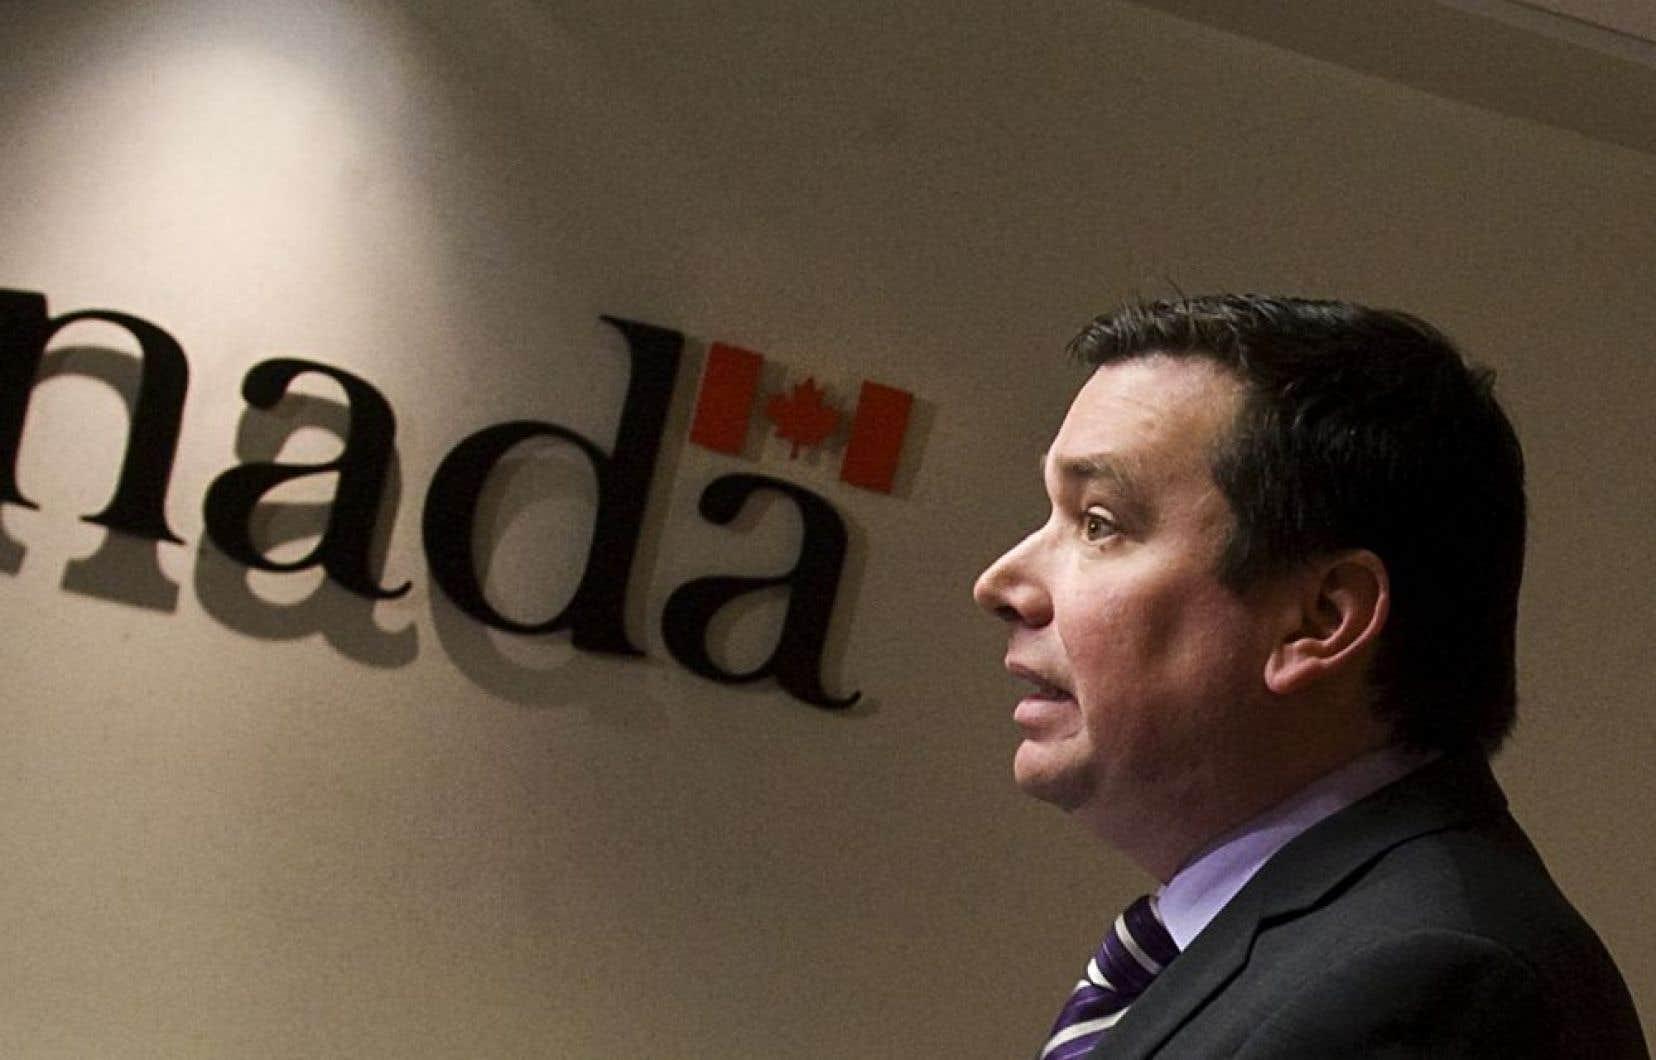 Le ministre Christian Paradis appuie sans réserve la proposition controversée du gouvernement Harper de lier l'aide canadienne au développement international aux partenariats avec le secteur privé.